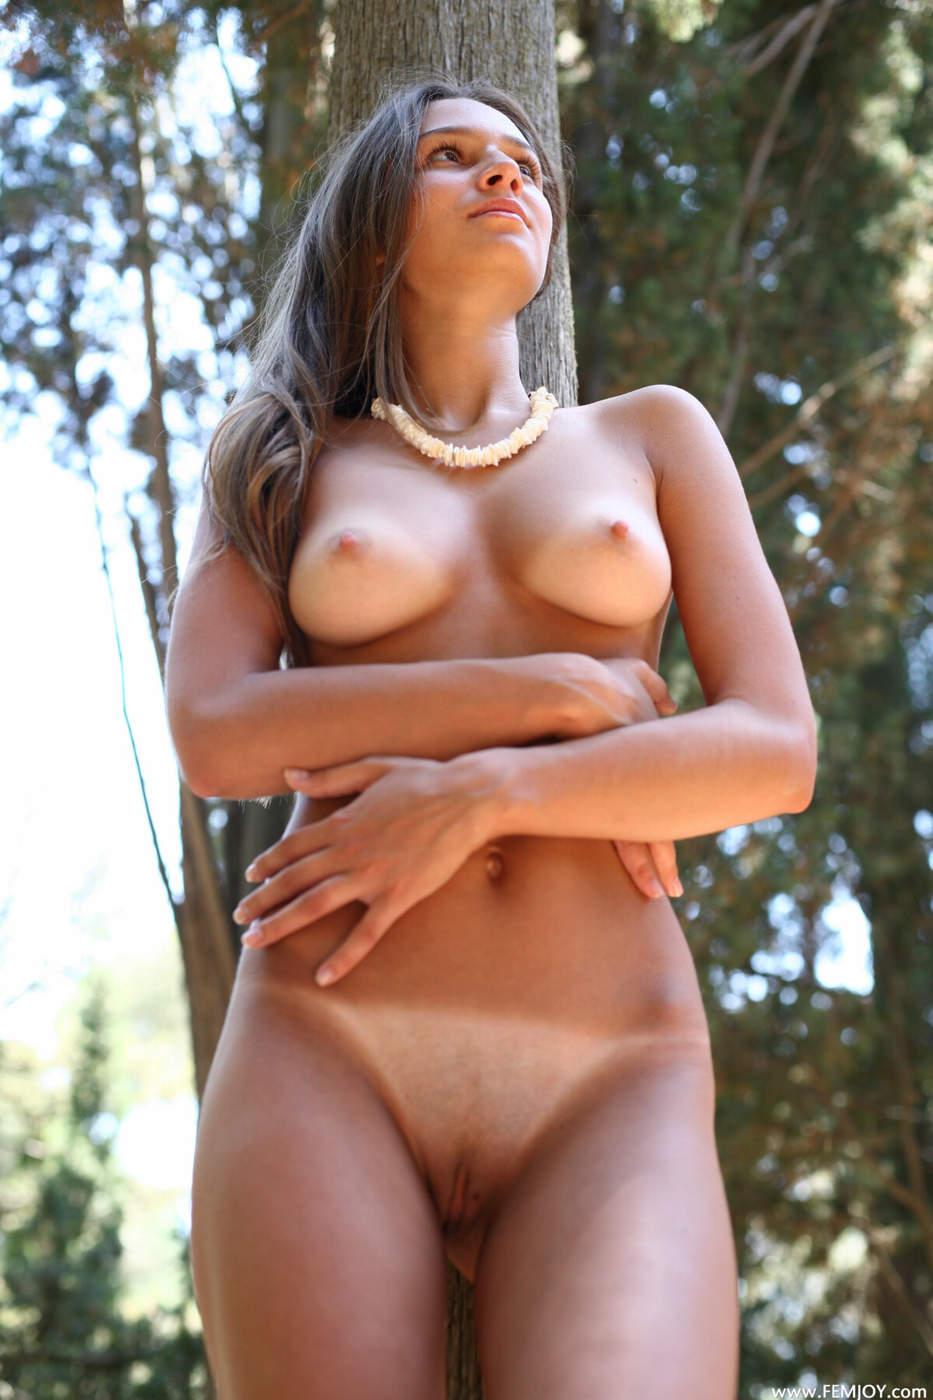 Фото девушек голых со следами от купальника 3 фотография